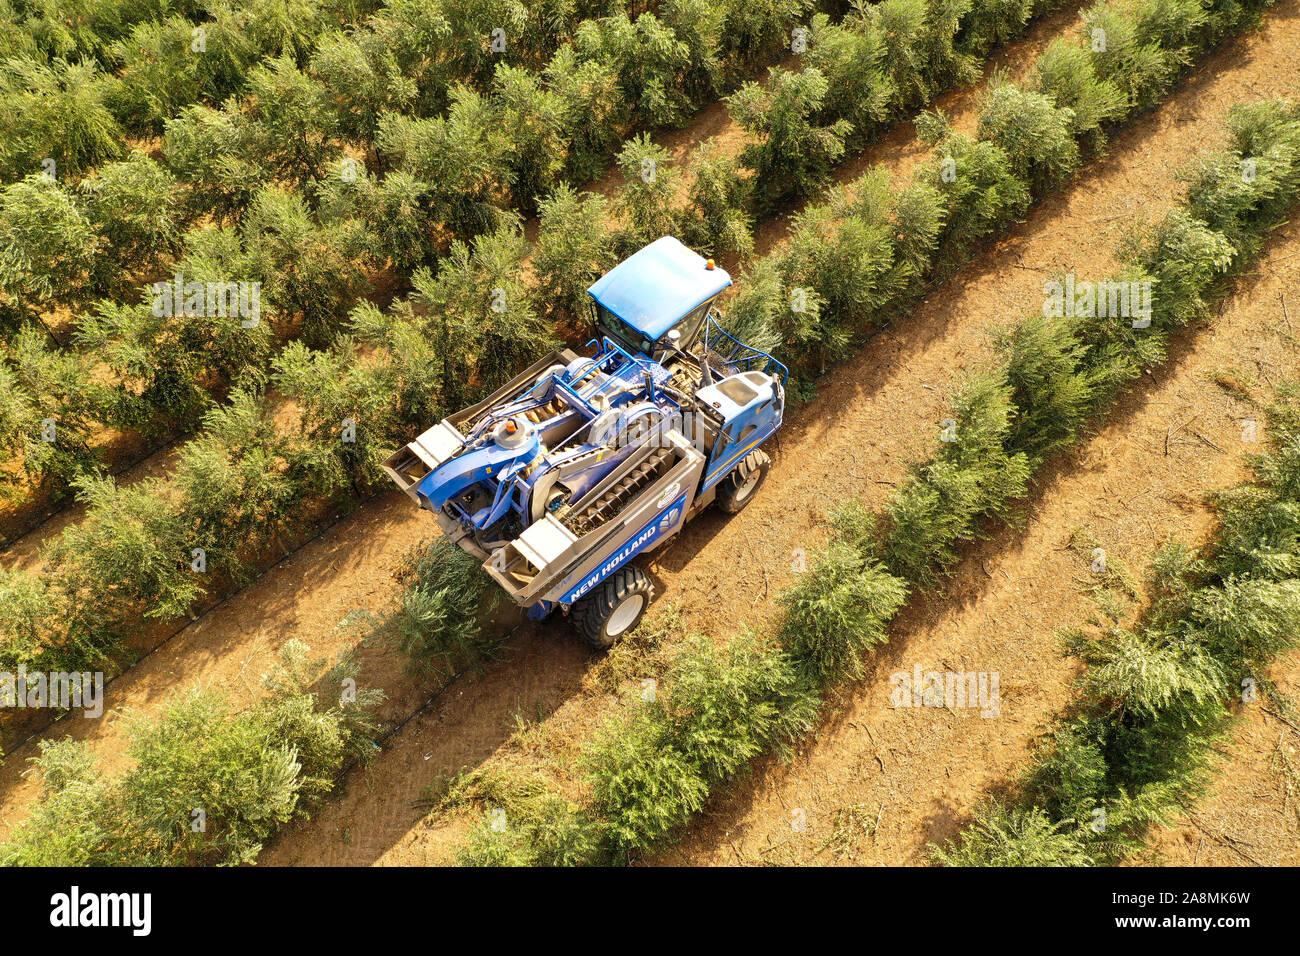 New Holland abbacchiatore lavorando in un campo, vista aerea. Foto Stock